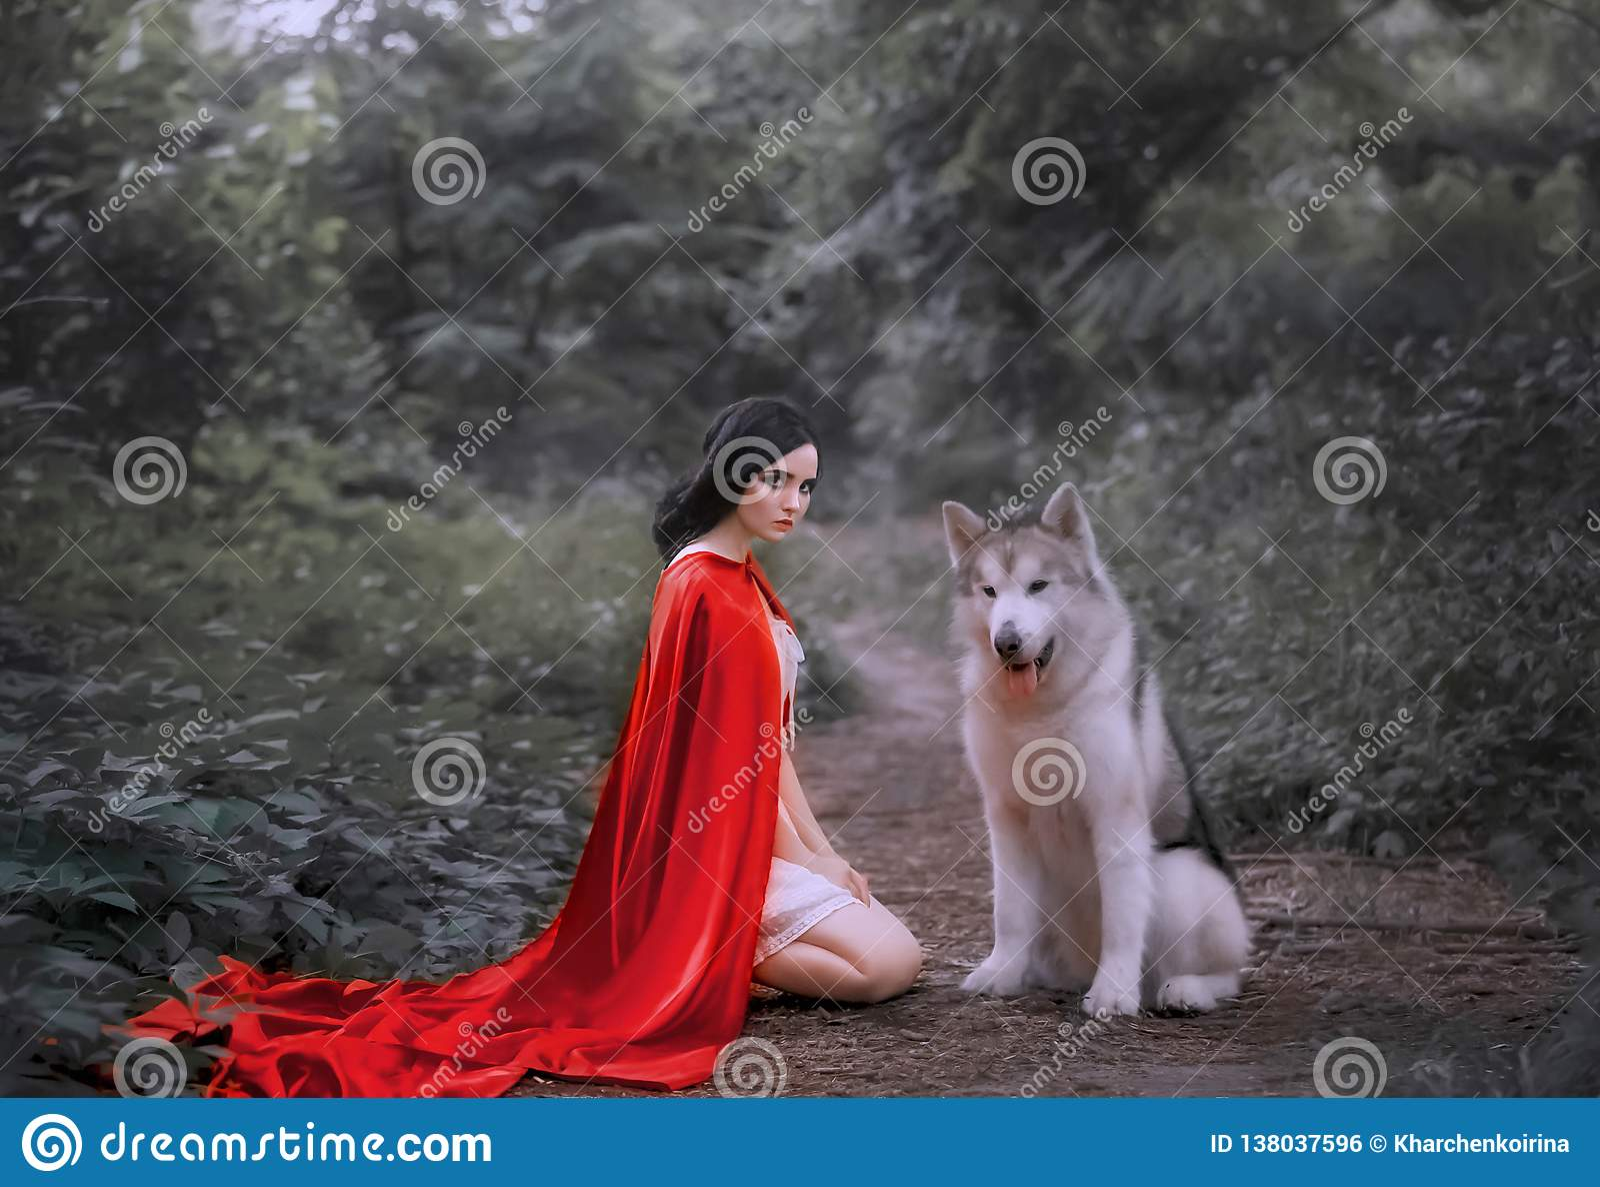 Сказка о красной крышке, темн-с волосами девушке на земле в толстом платье белого света леса вкратце, длинном плаще шарлаха